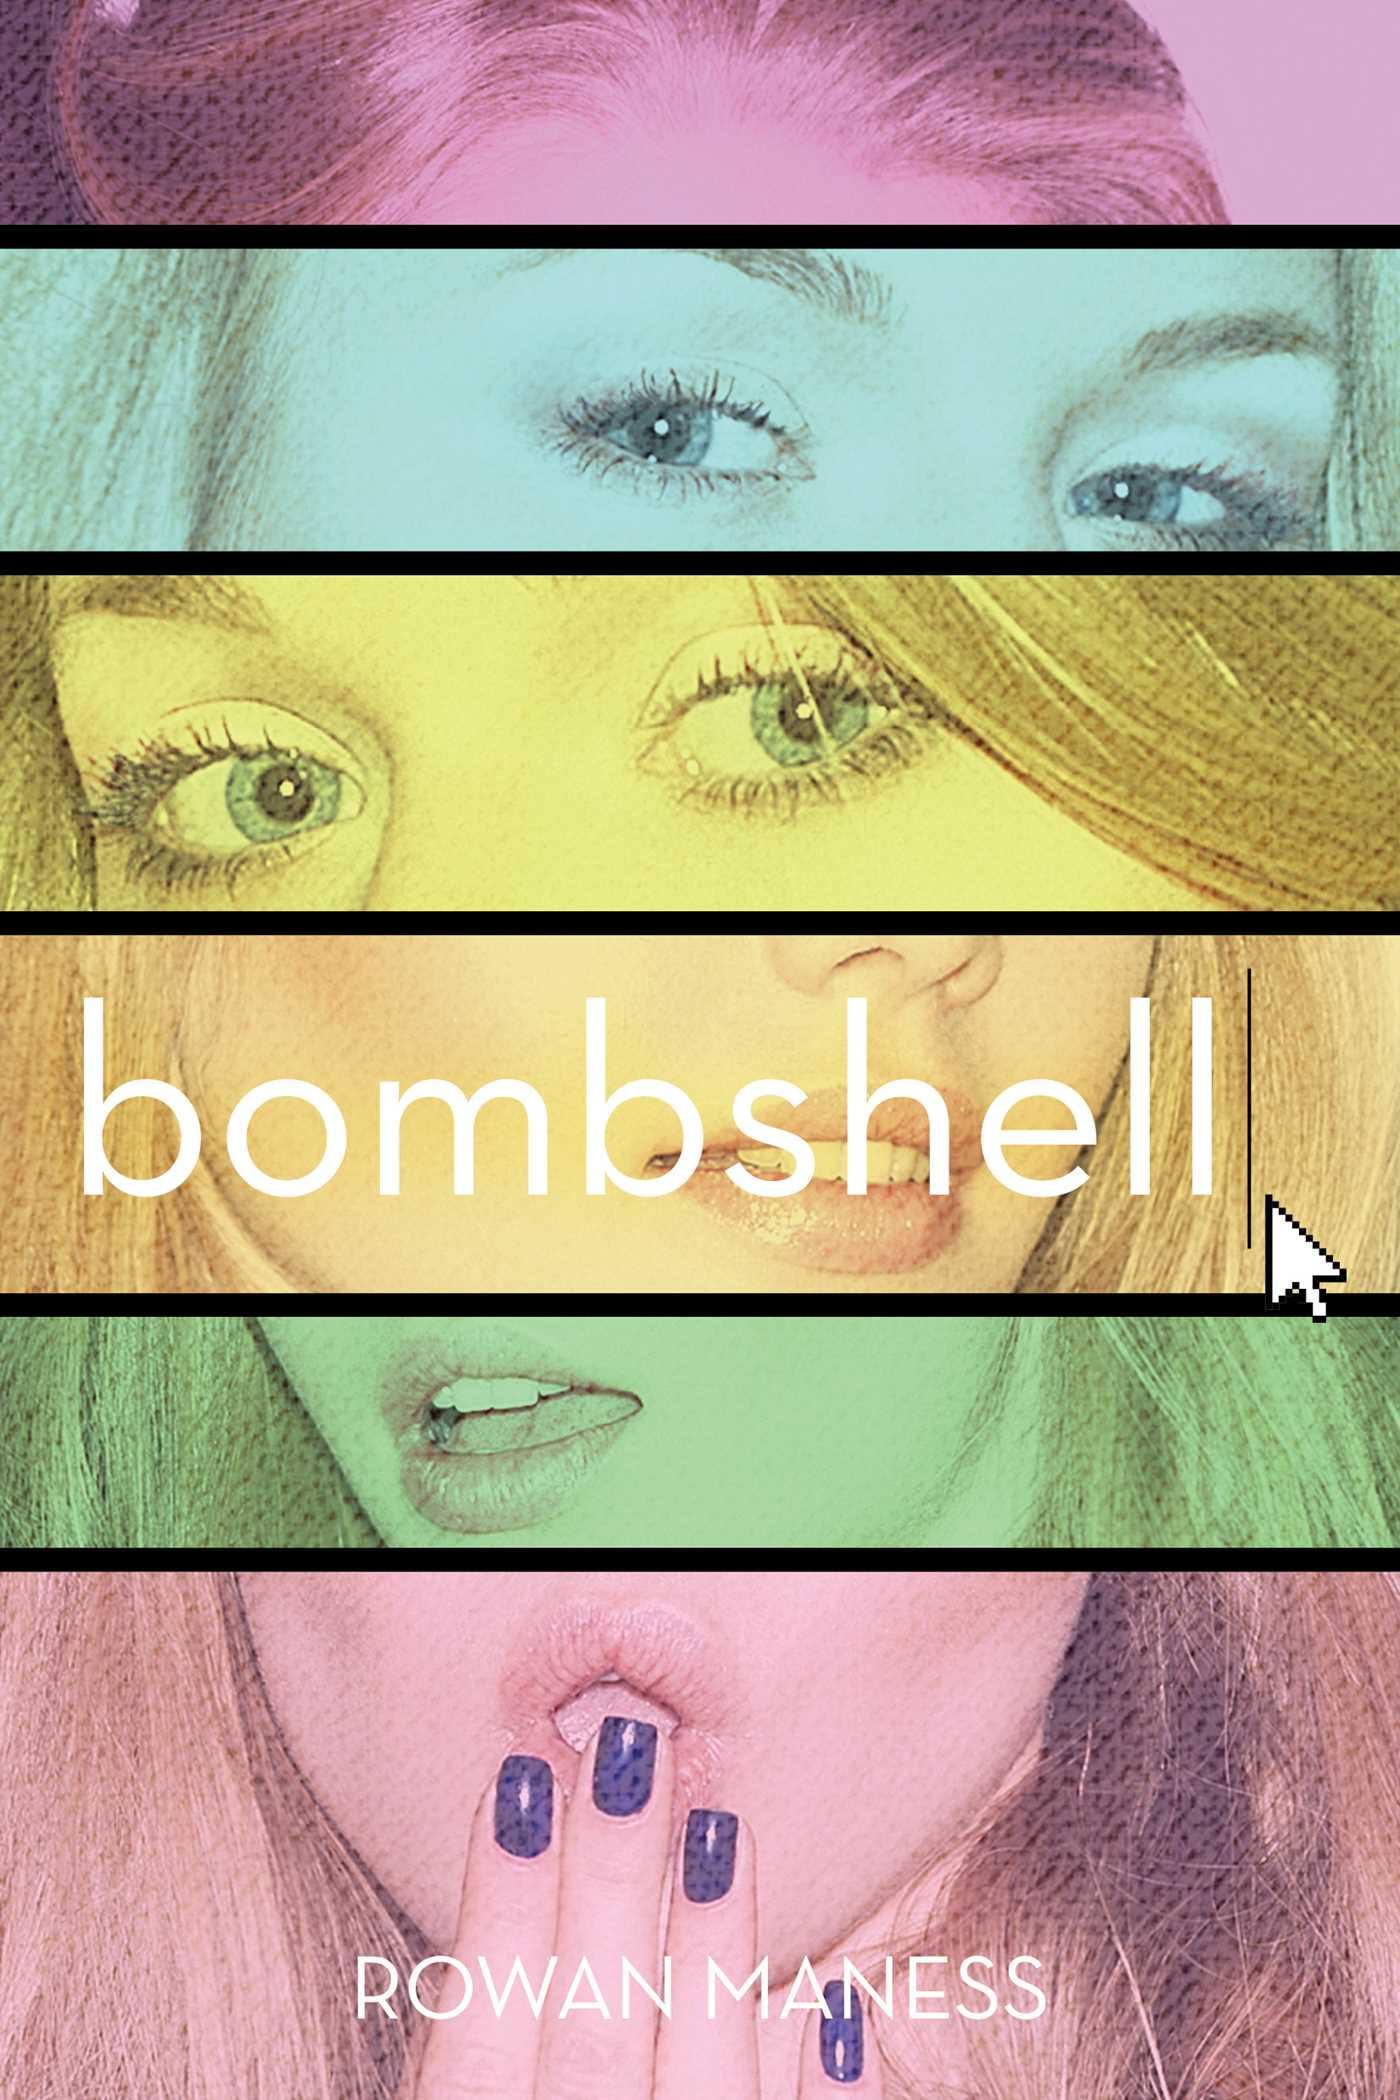 Bombshell 9781481441643 hr